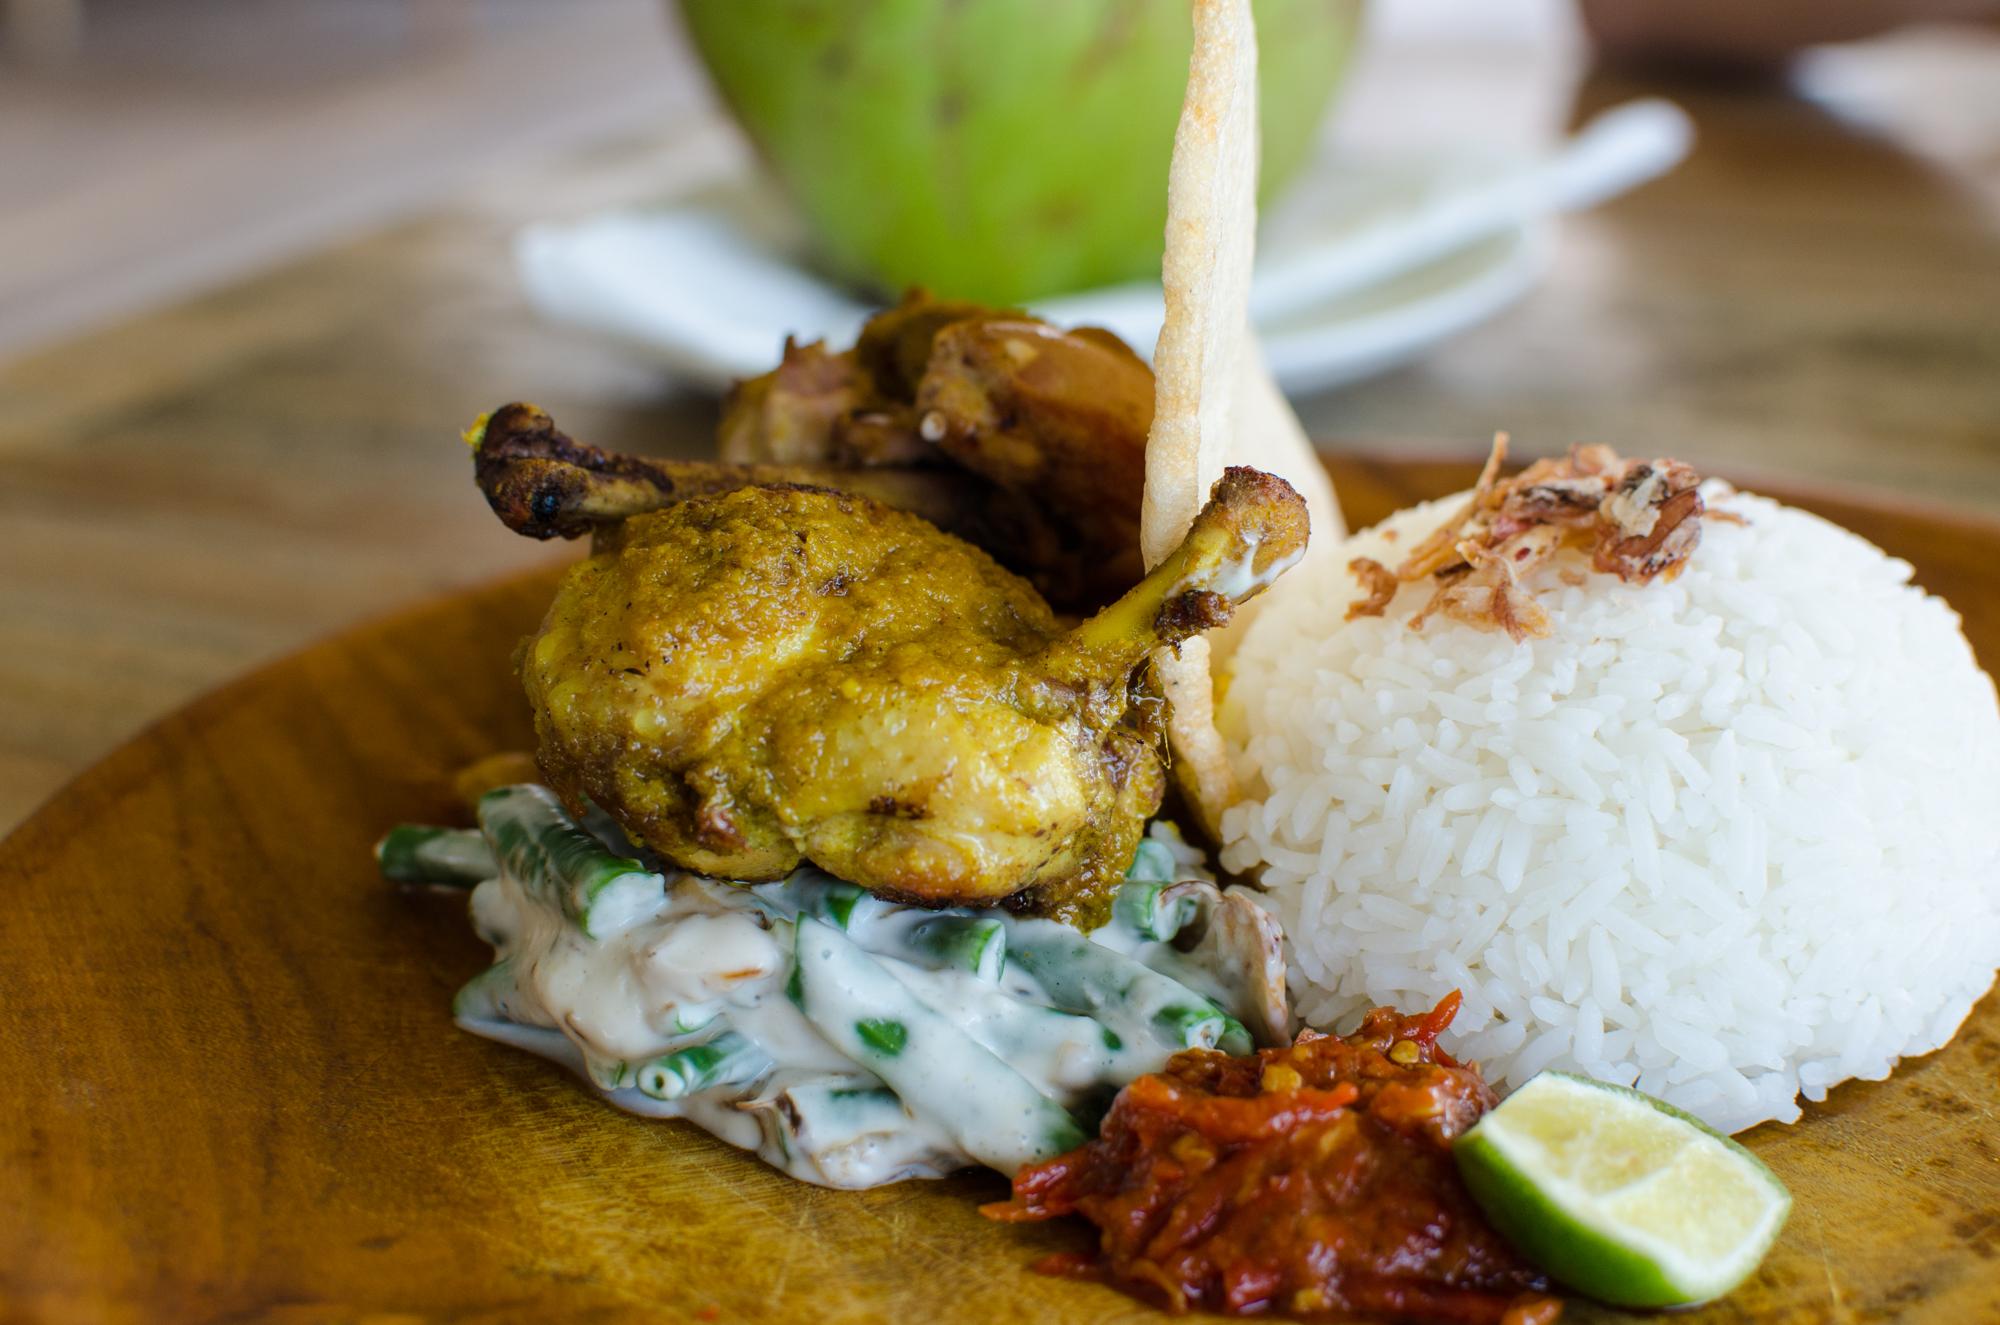 """Montigo """"Ayam Panggang Berempah"""" (IDR 110,000++) - approx. S$15 after taxes"""